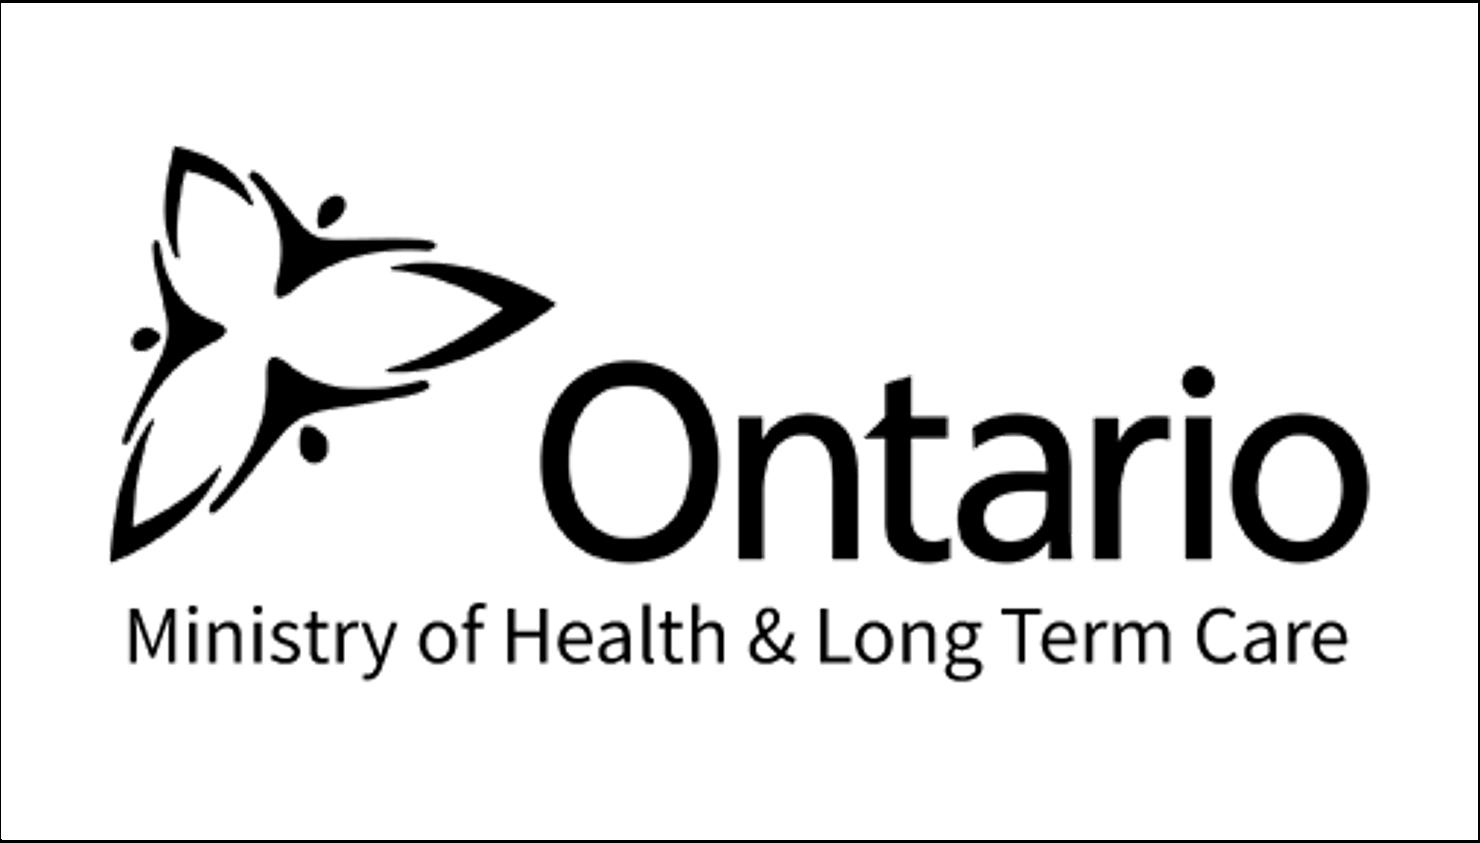 ontario-health-long-term-care-logo-1